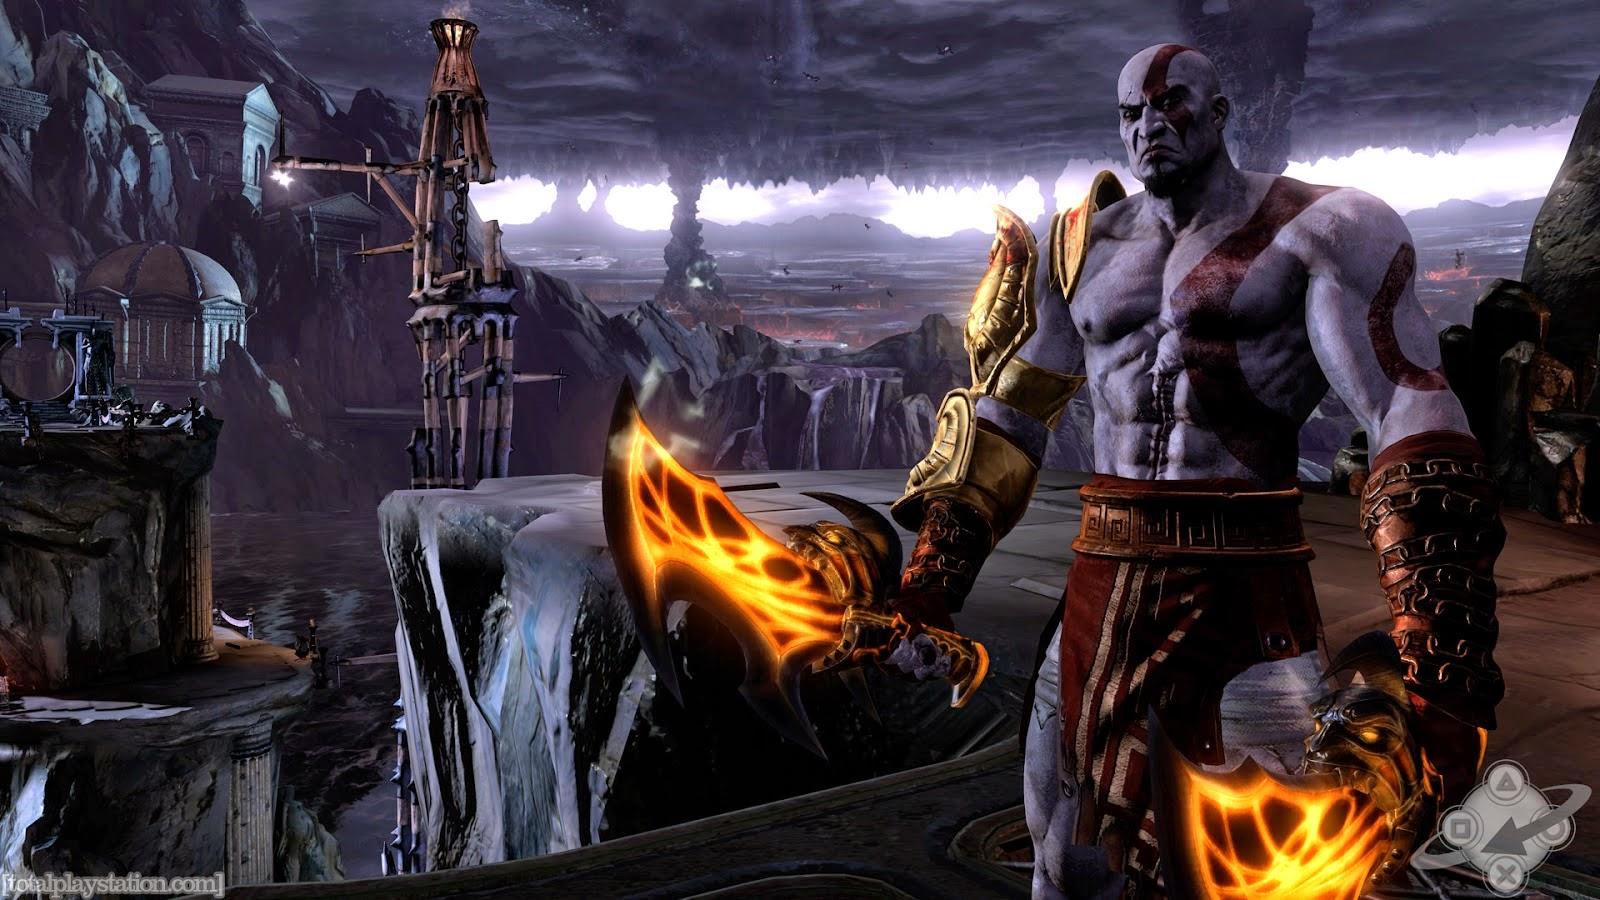 تحميل لعبة god of war 2 للكمبيوتر myegy